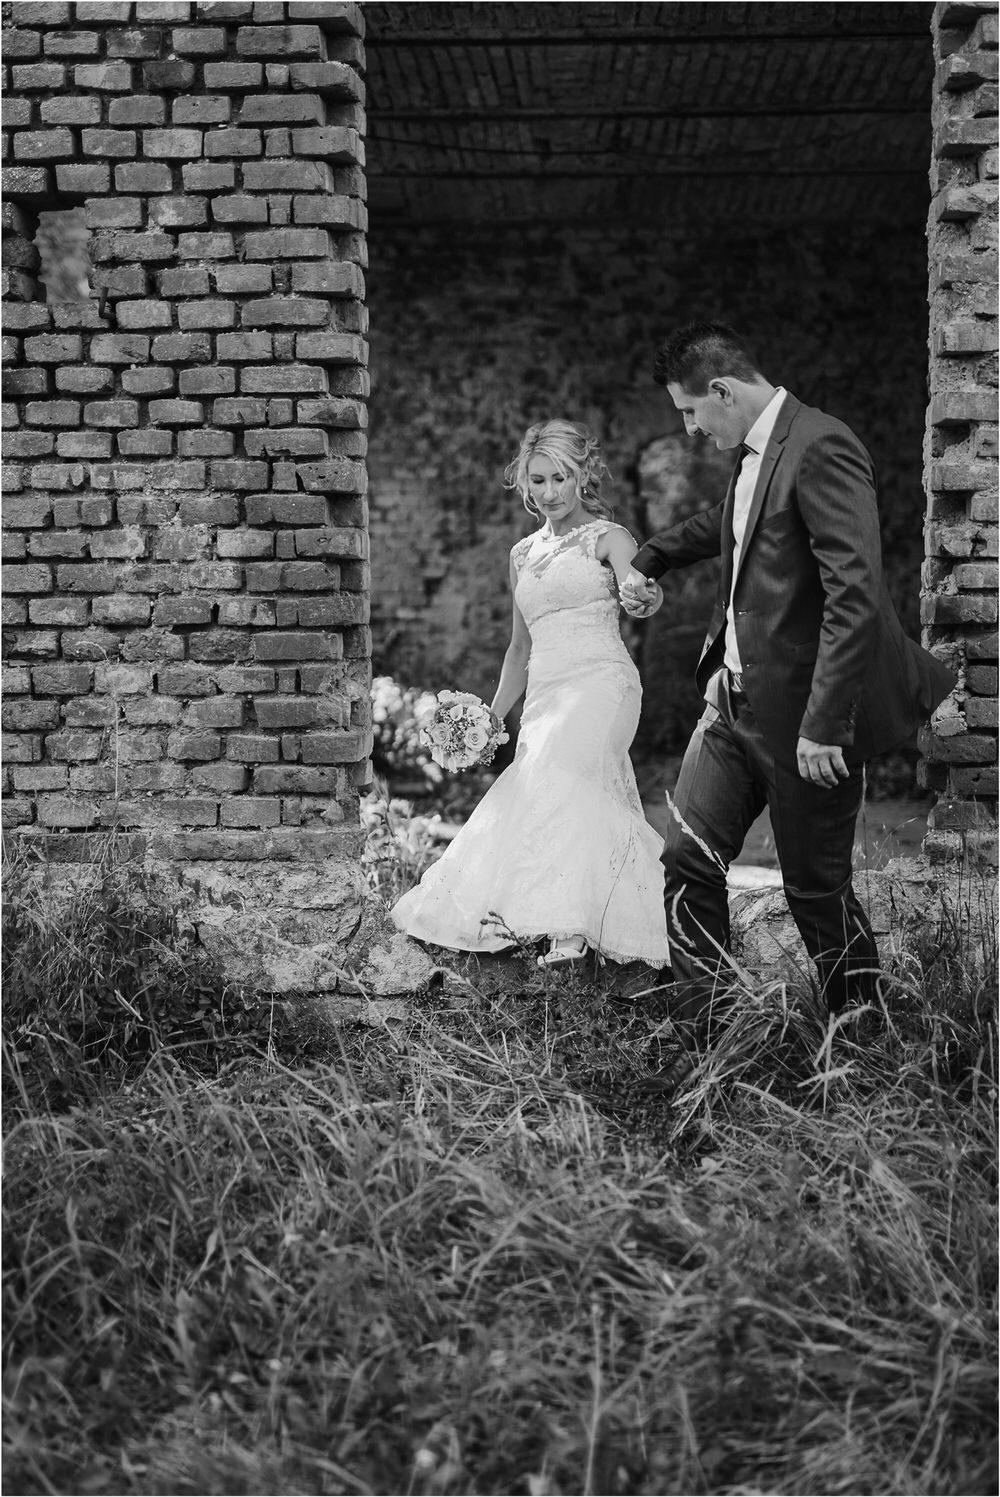 slovenia maribor wedding goriska brda poroka porocni fotograf slovenija porocno fotografiranje maribor ljubljana zemono svicarija 0071.jpg